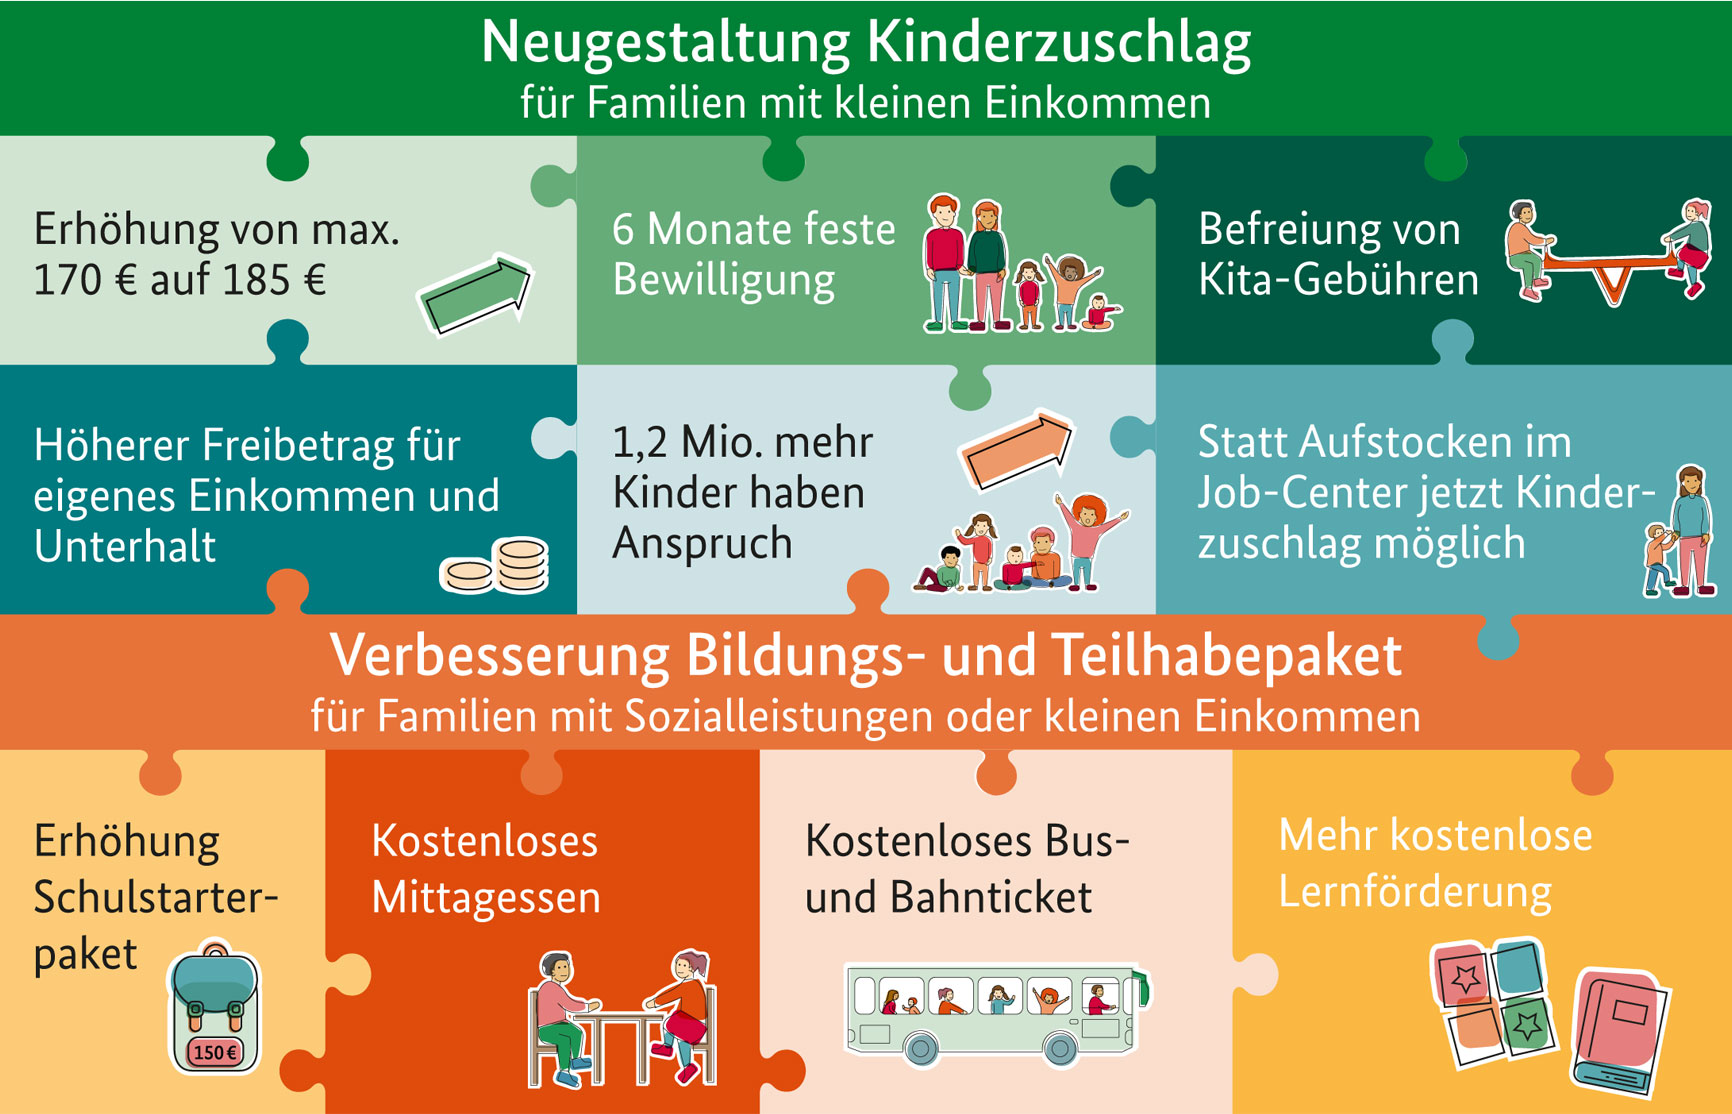 Das Bild zeigt grafisch als Puzzle aufbereitet die unterschiedlichen Komponenten des Starke-Familien-Gesetzes